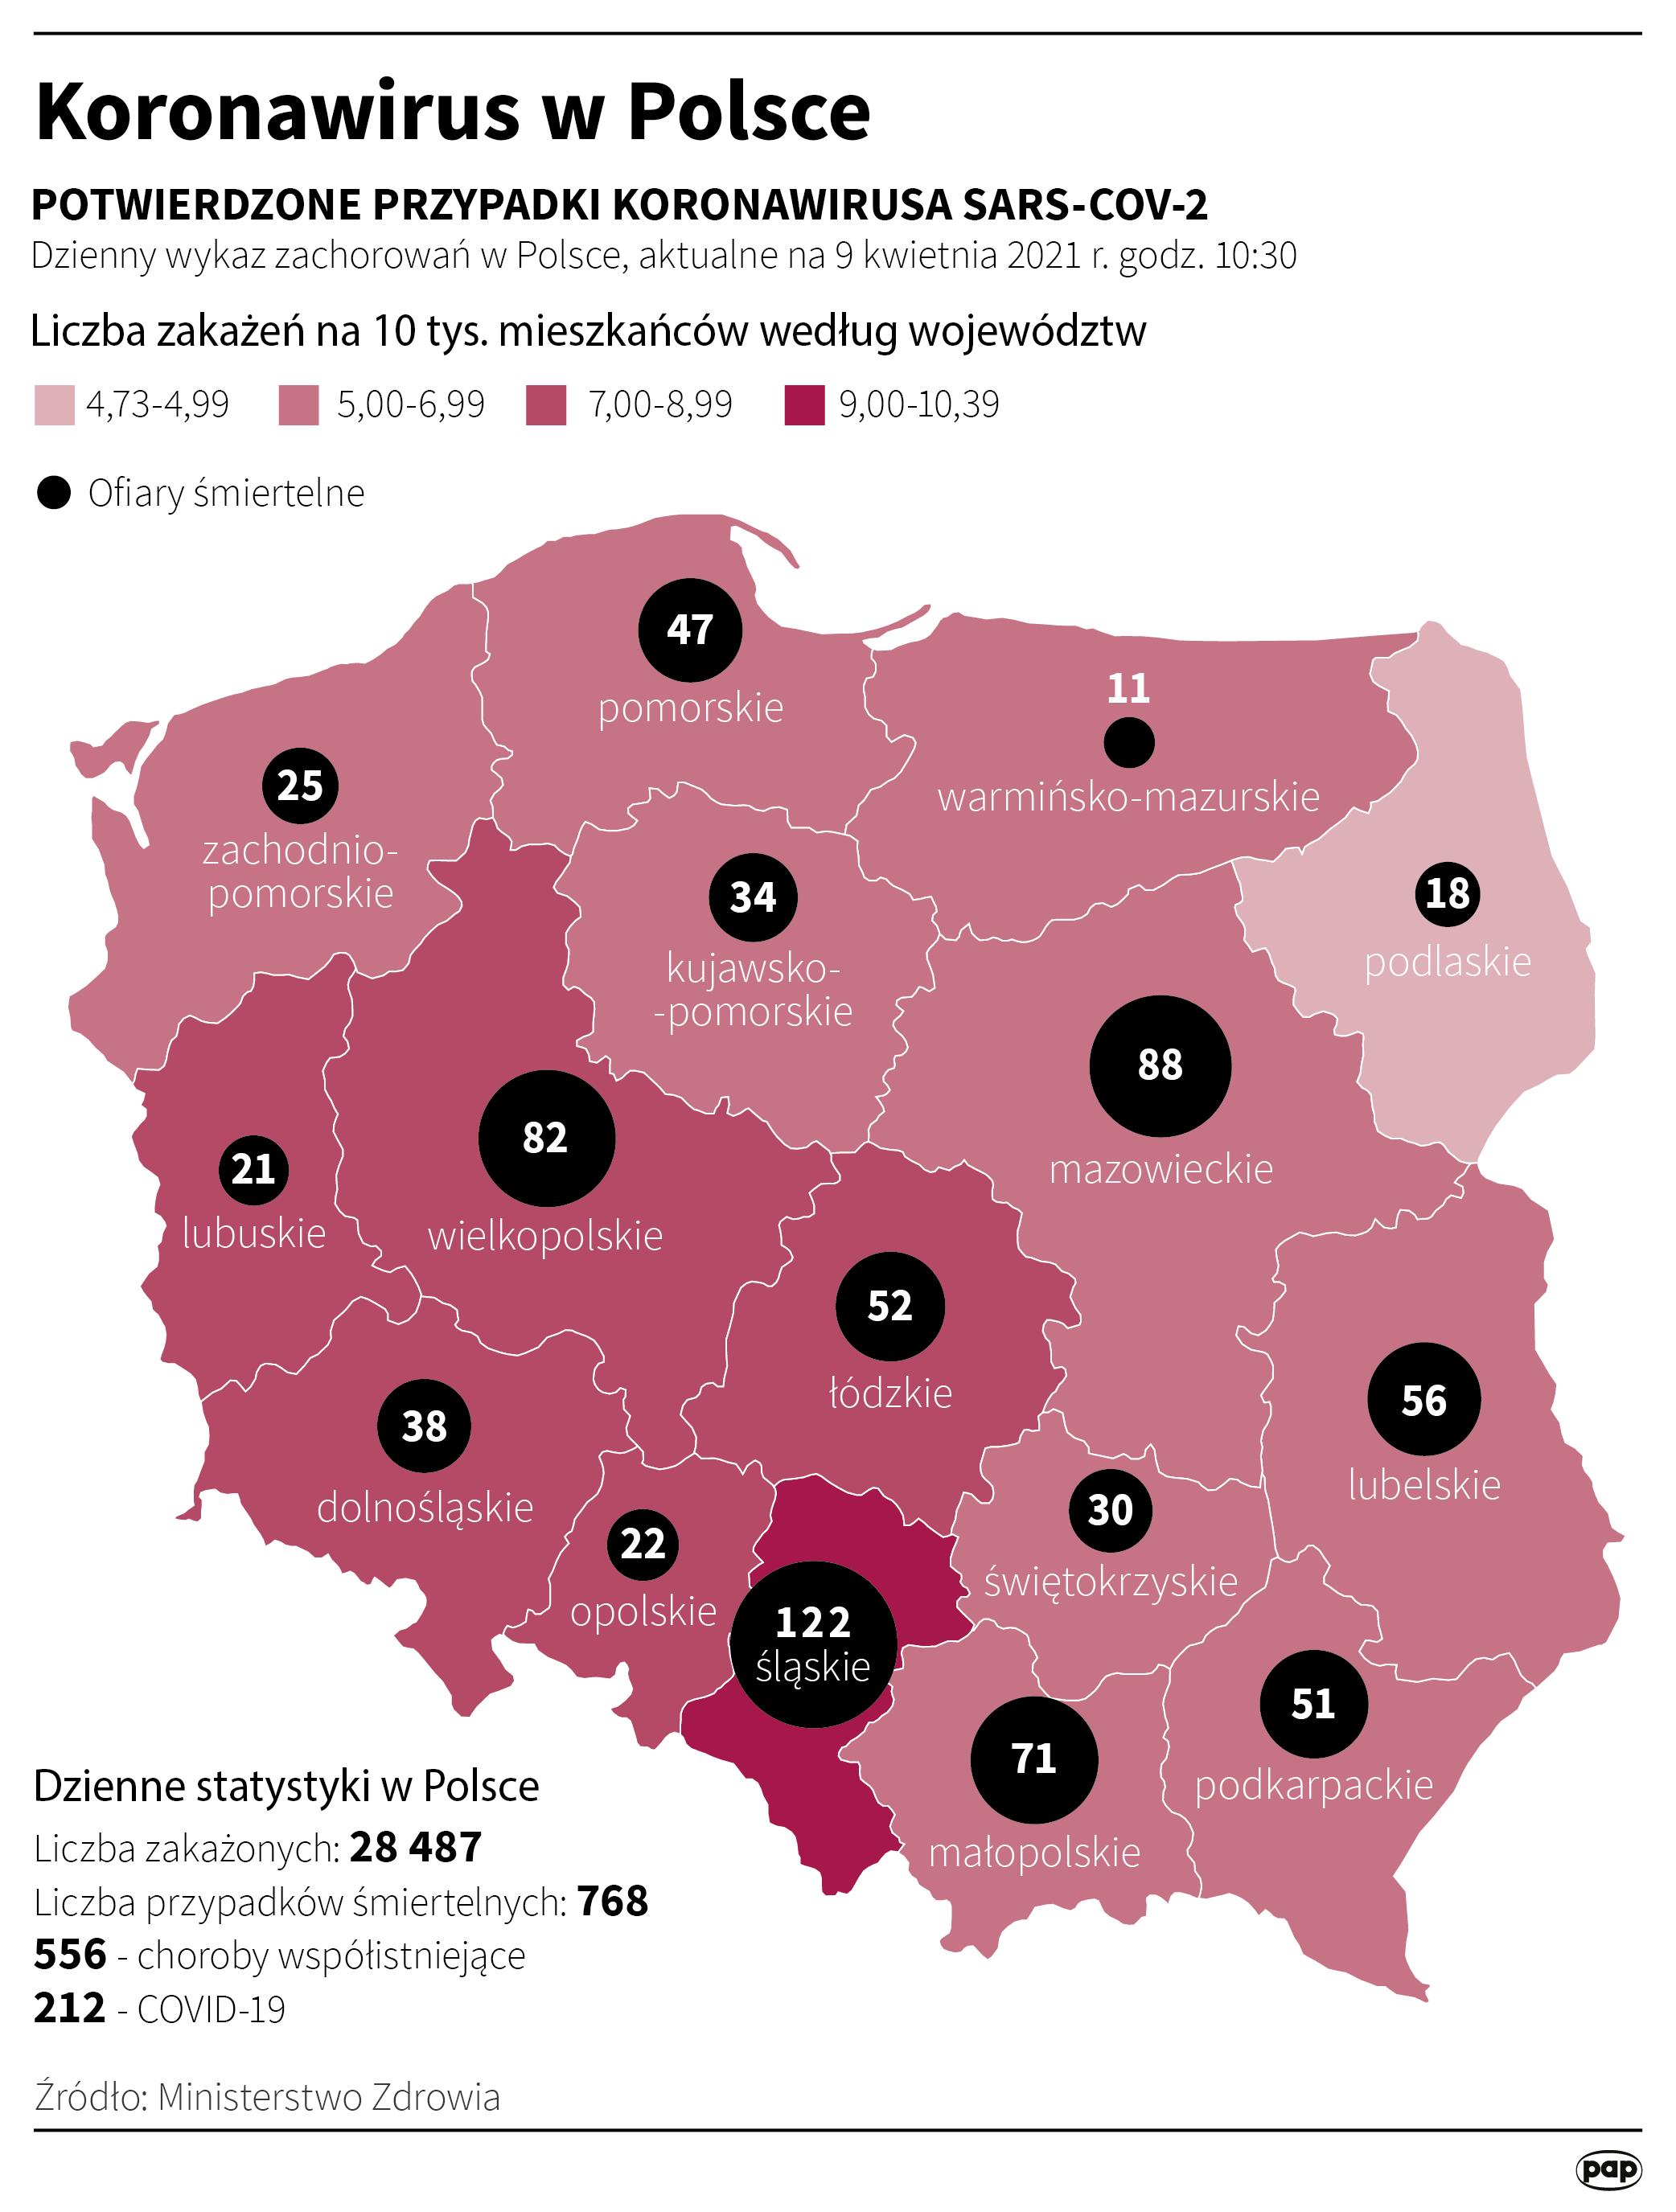 Koronawirus w Polsce - stan na 9 kwietnia [Autor: Maciej Zieliński, źródło: PAP]